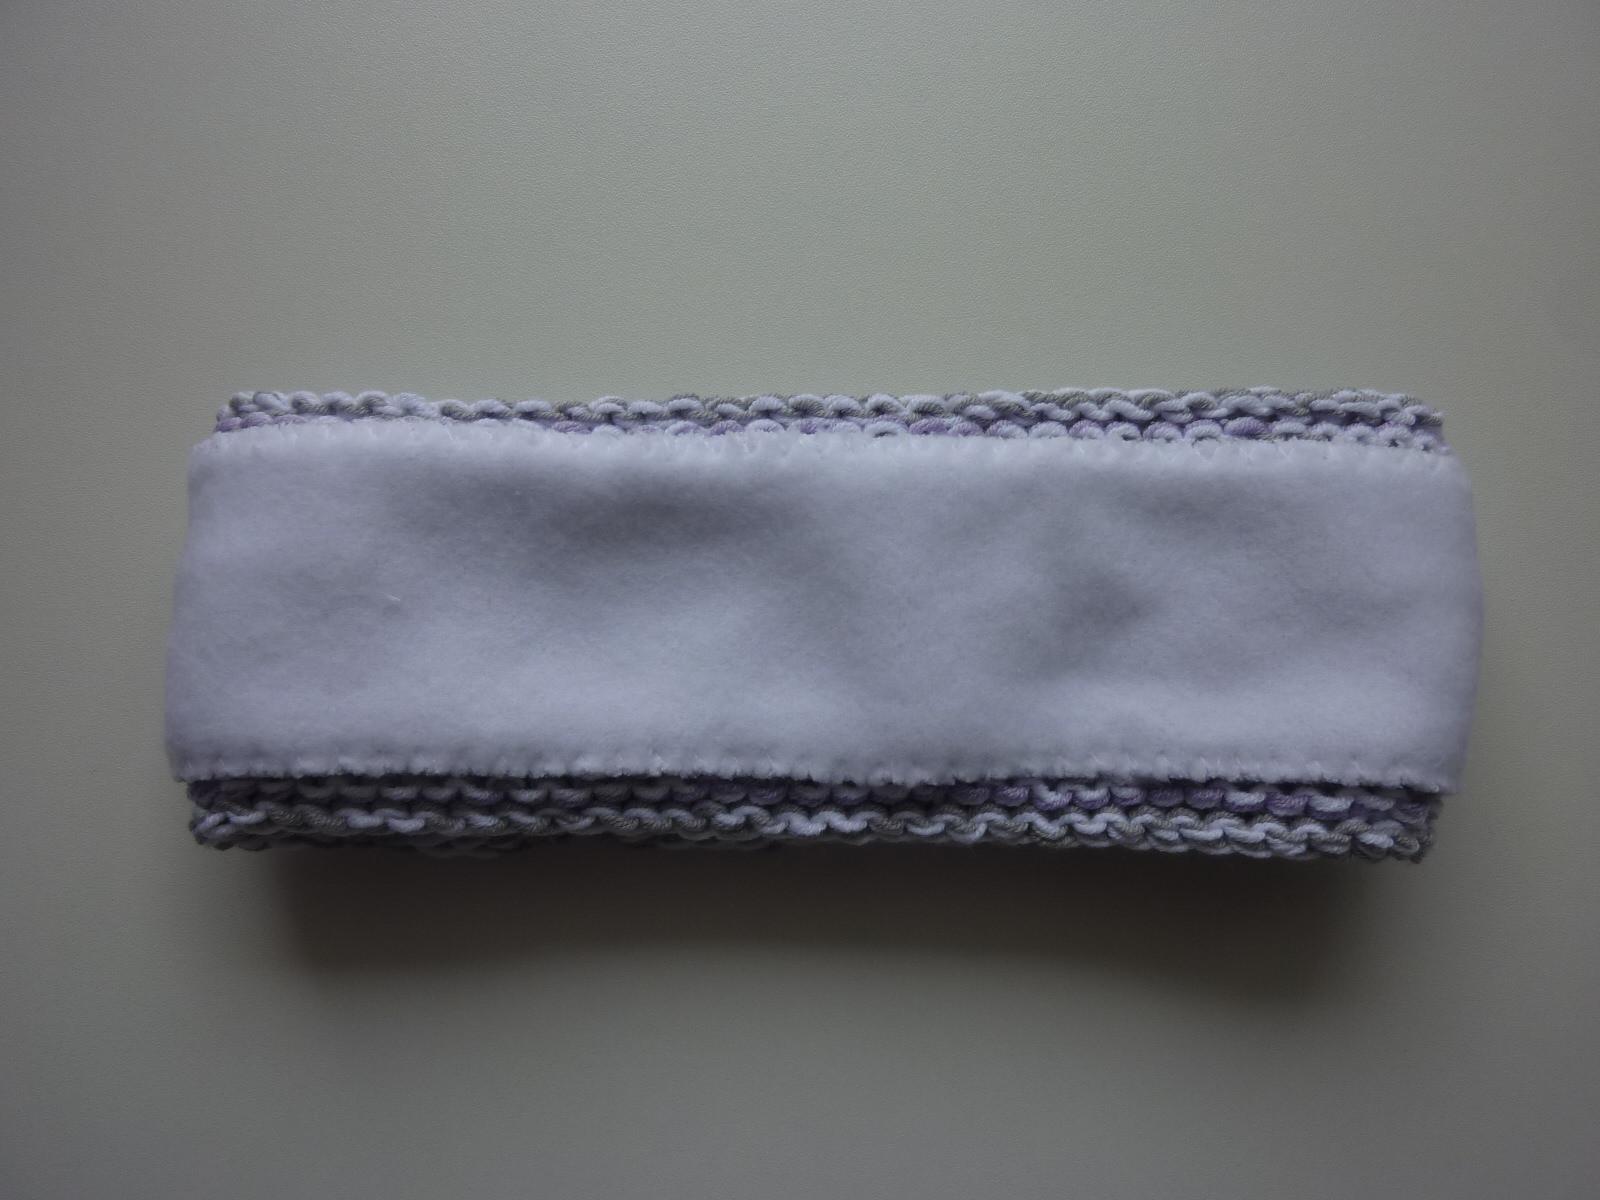 Kleinesbild - gefüttertes Stirnband in hellgrau, weiß und flieder aus Baumwolle handgestrickt